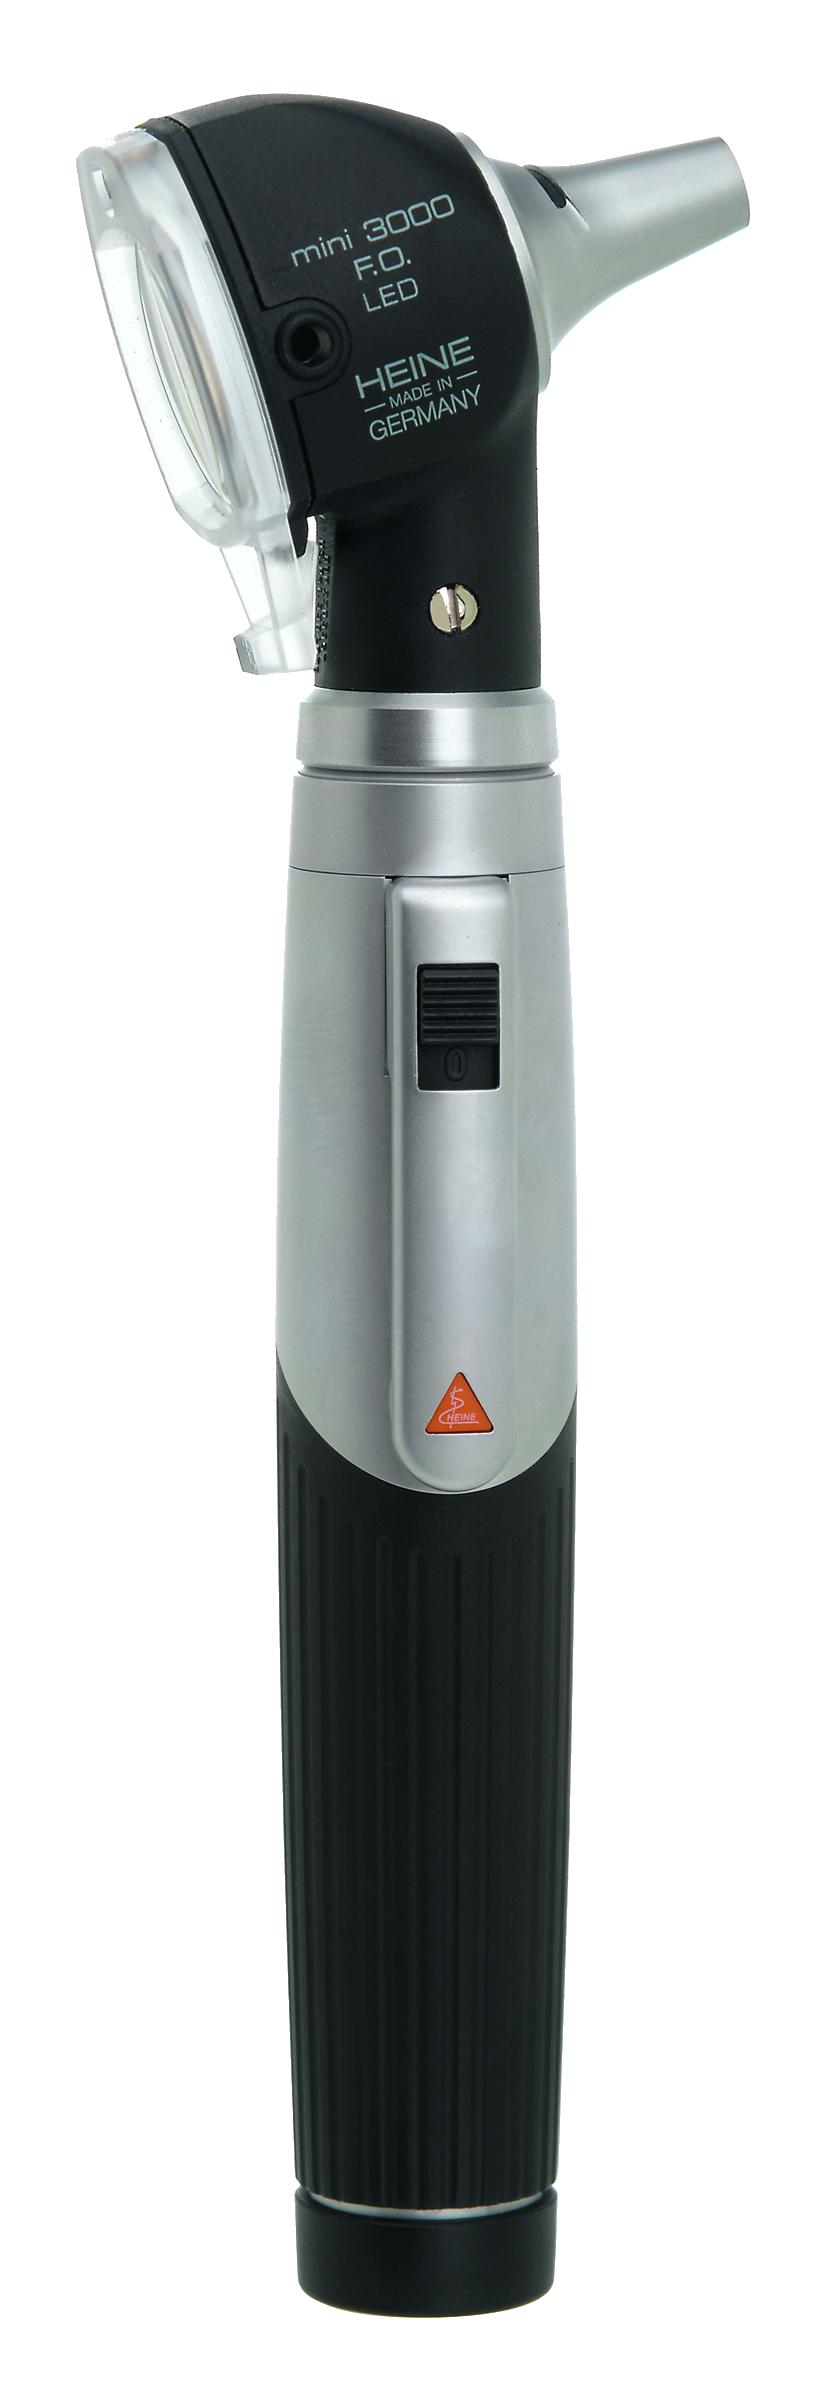 HEINE mini3000® LED F.O. Otoscope